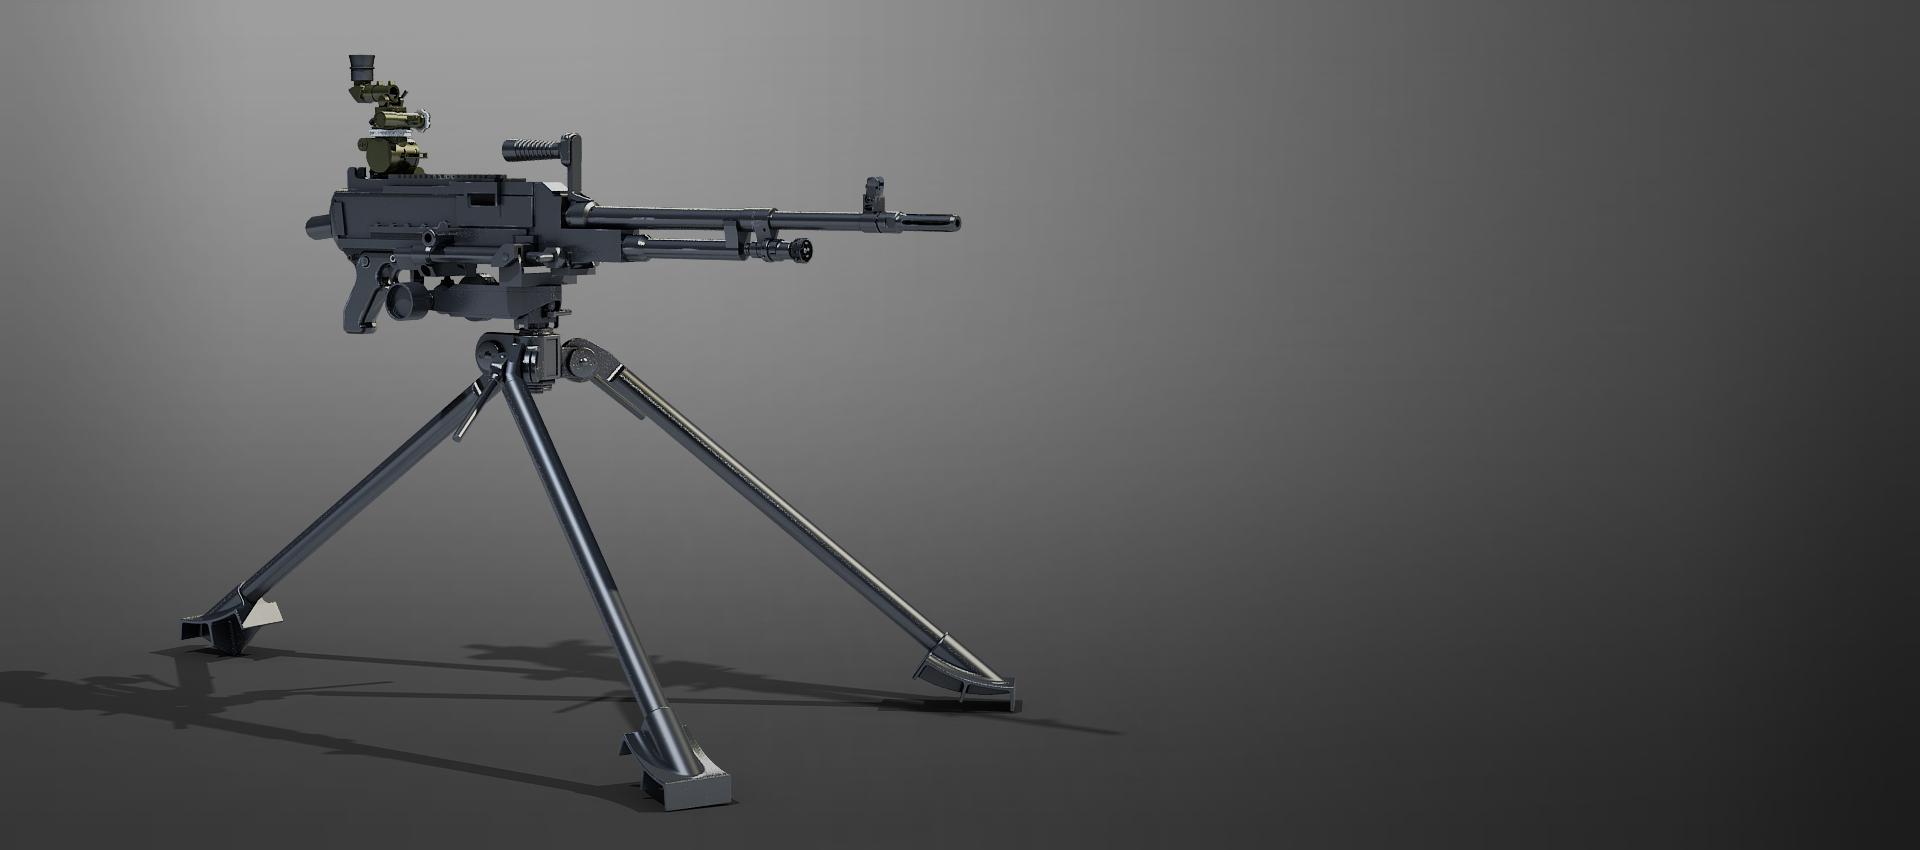 Gun on stand